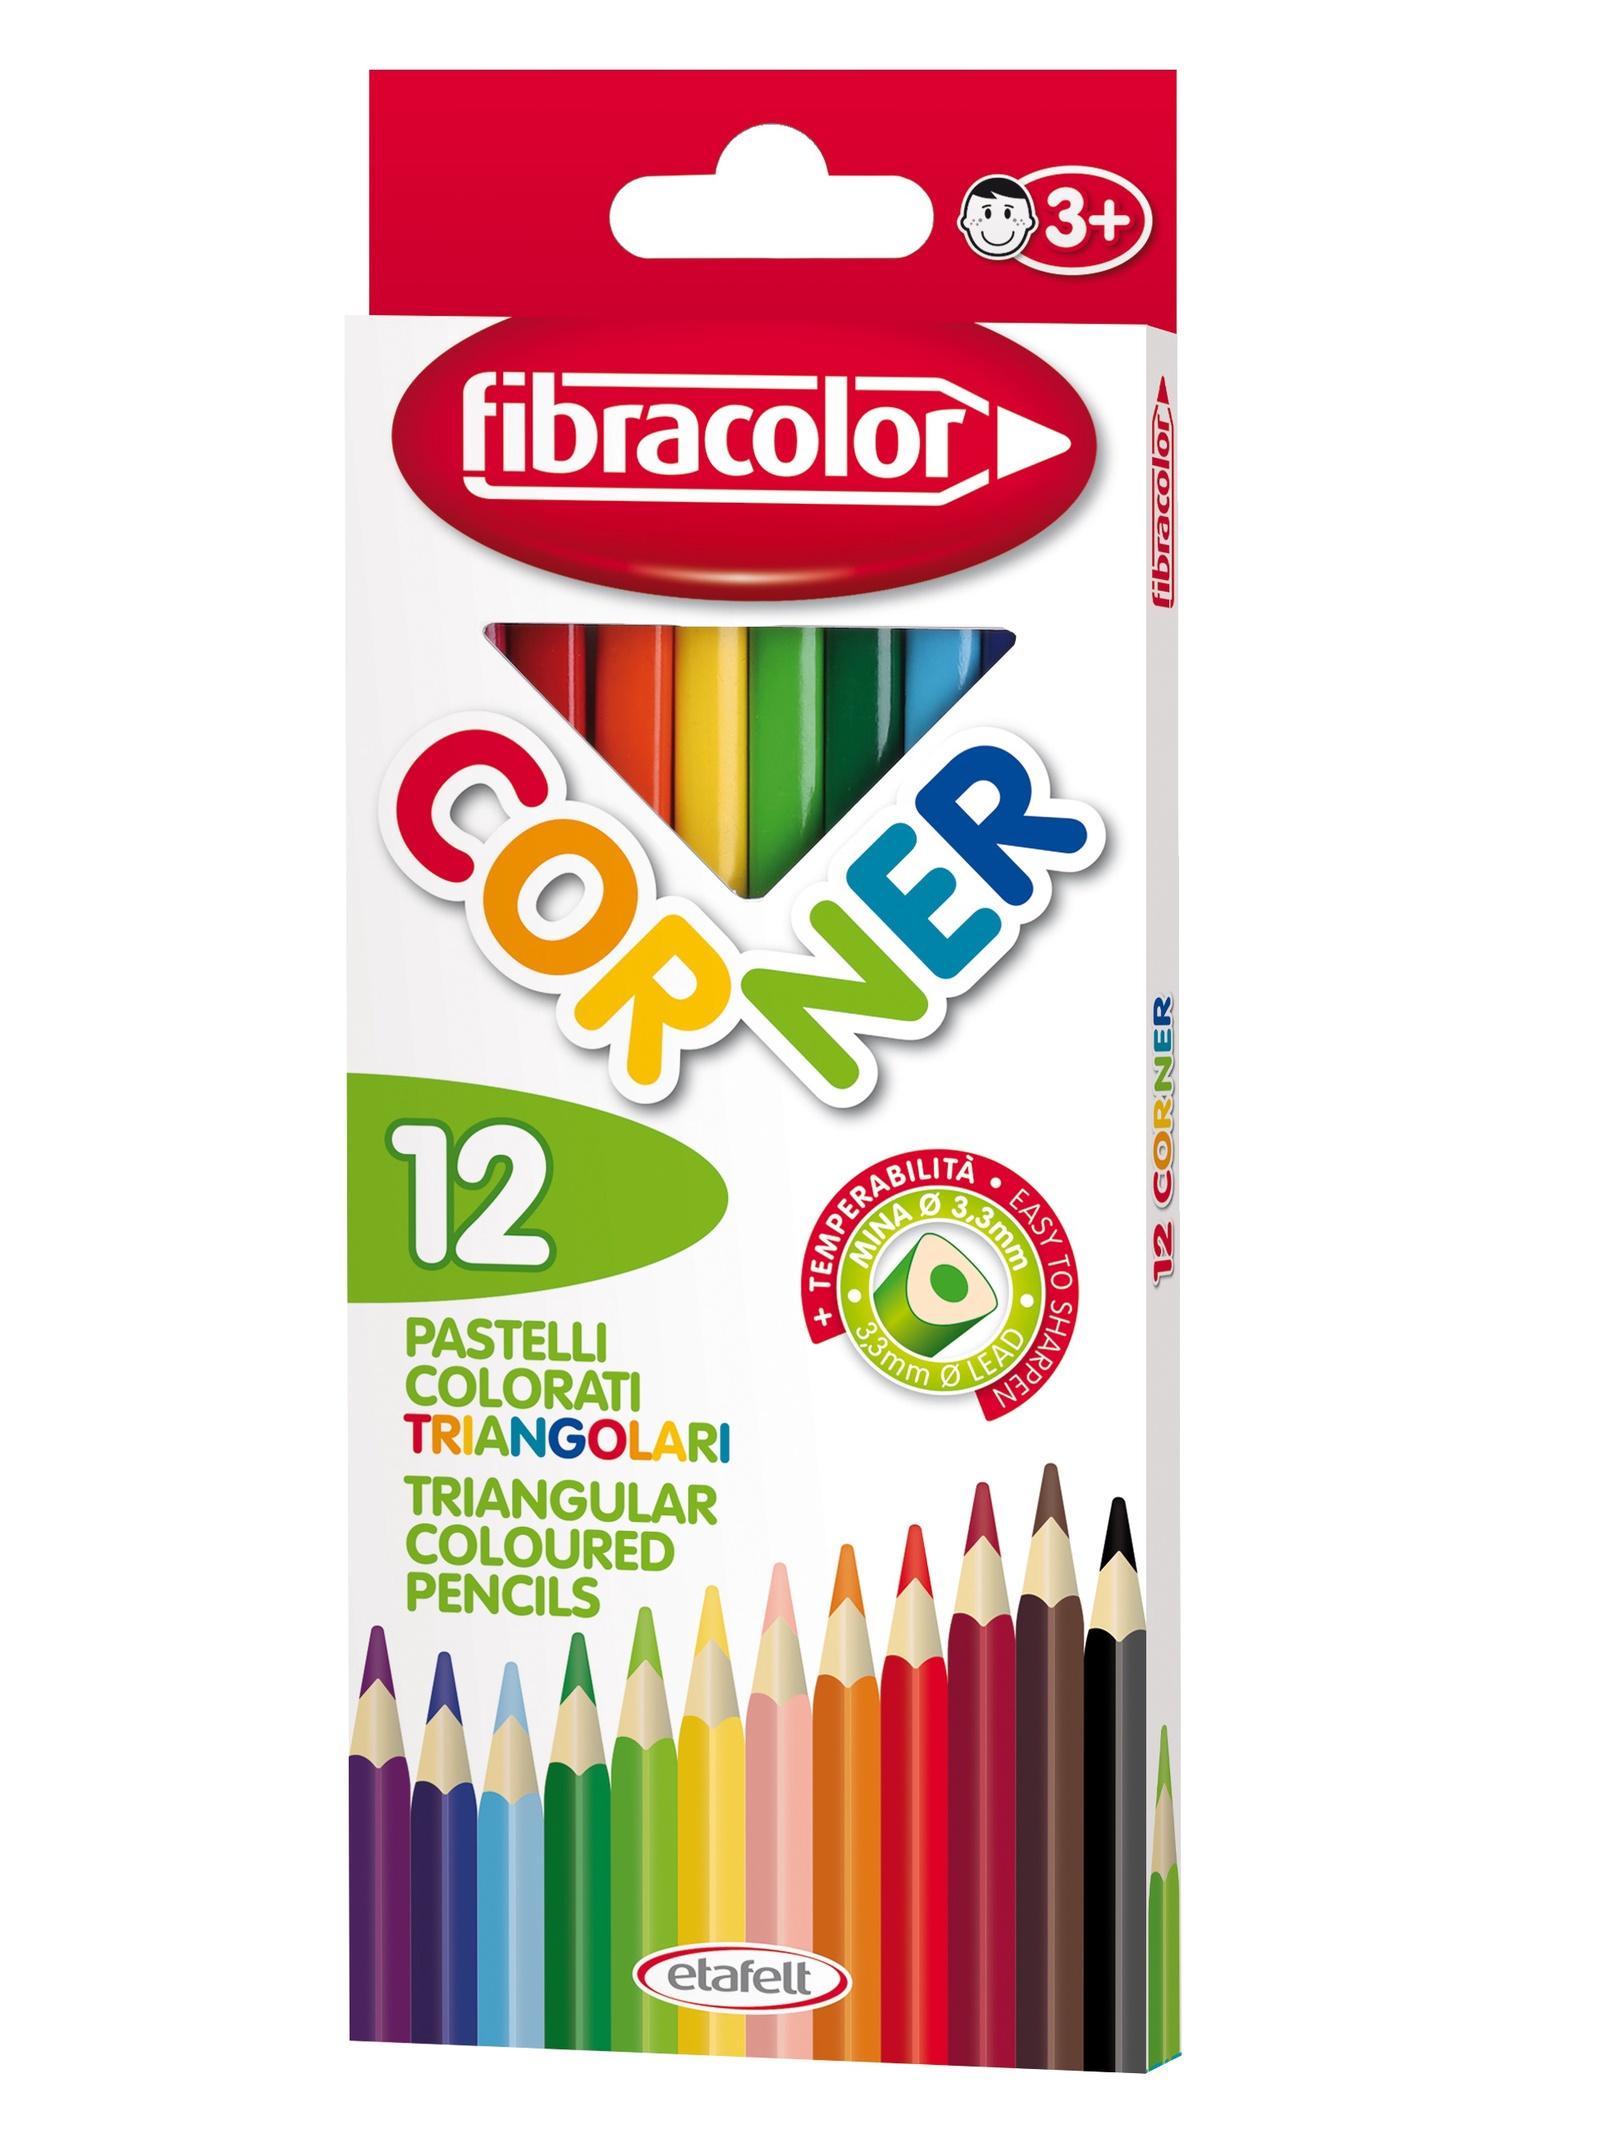 Набор треугольных карандашей 12 шт. набор восковых треугольных карандашей 15 цветов